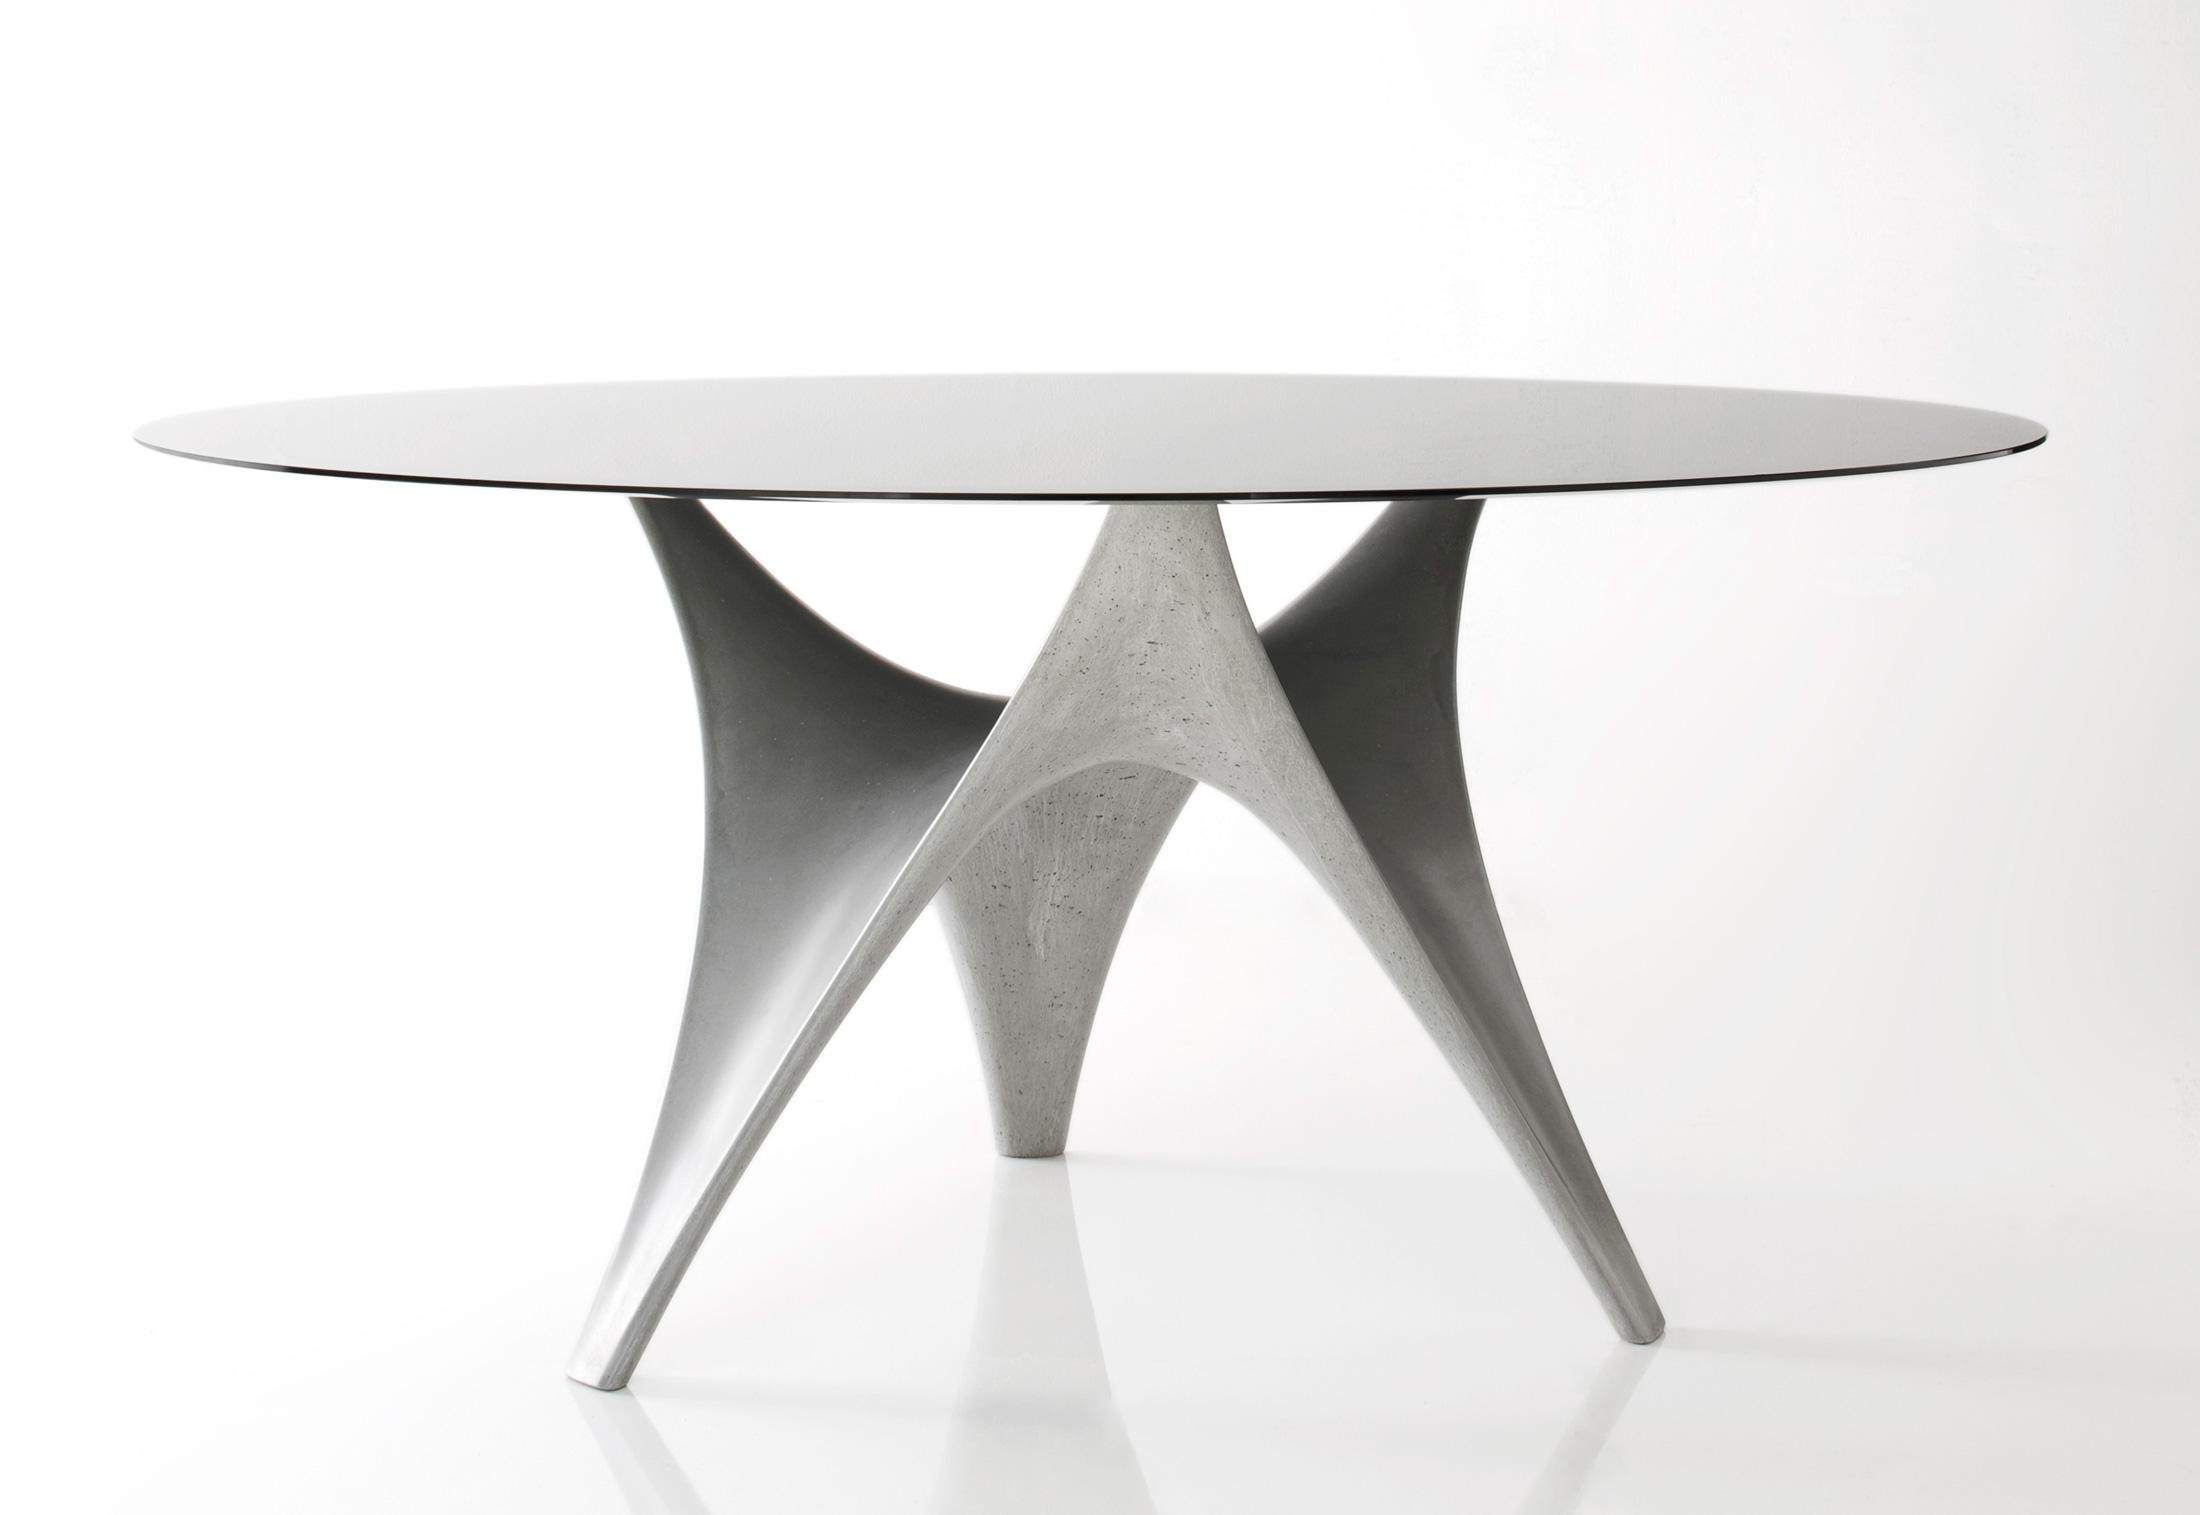 Arc di molteni c tavoli arredamento mollura home design - Tavolo da pranzo molteni ...